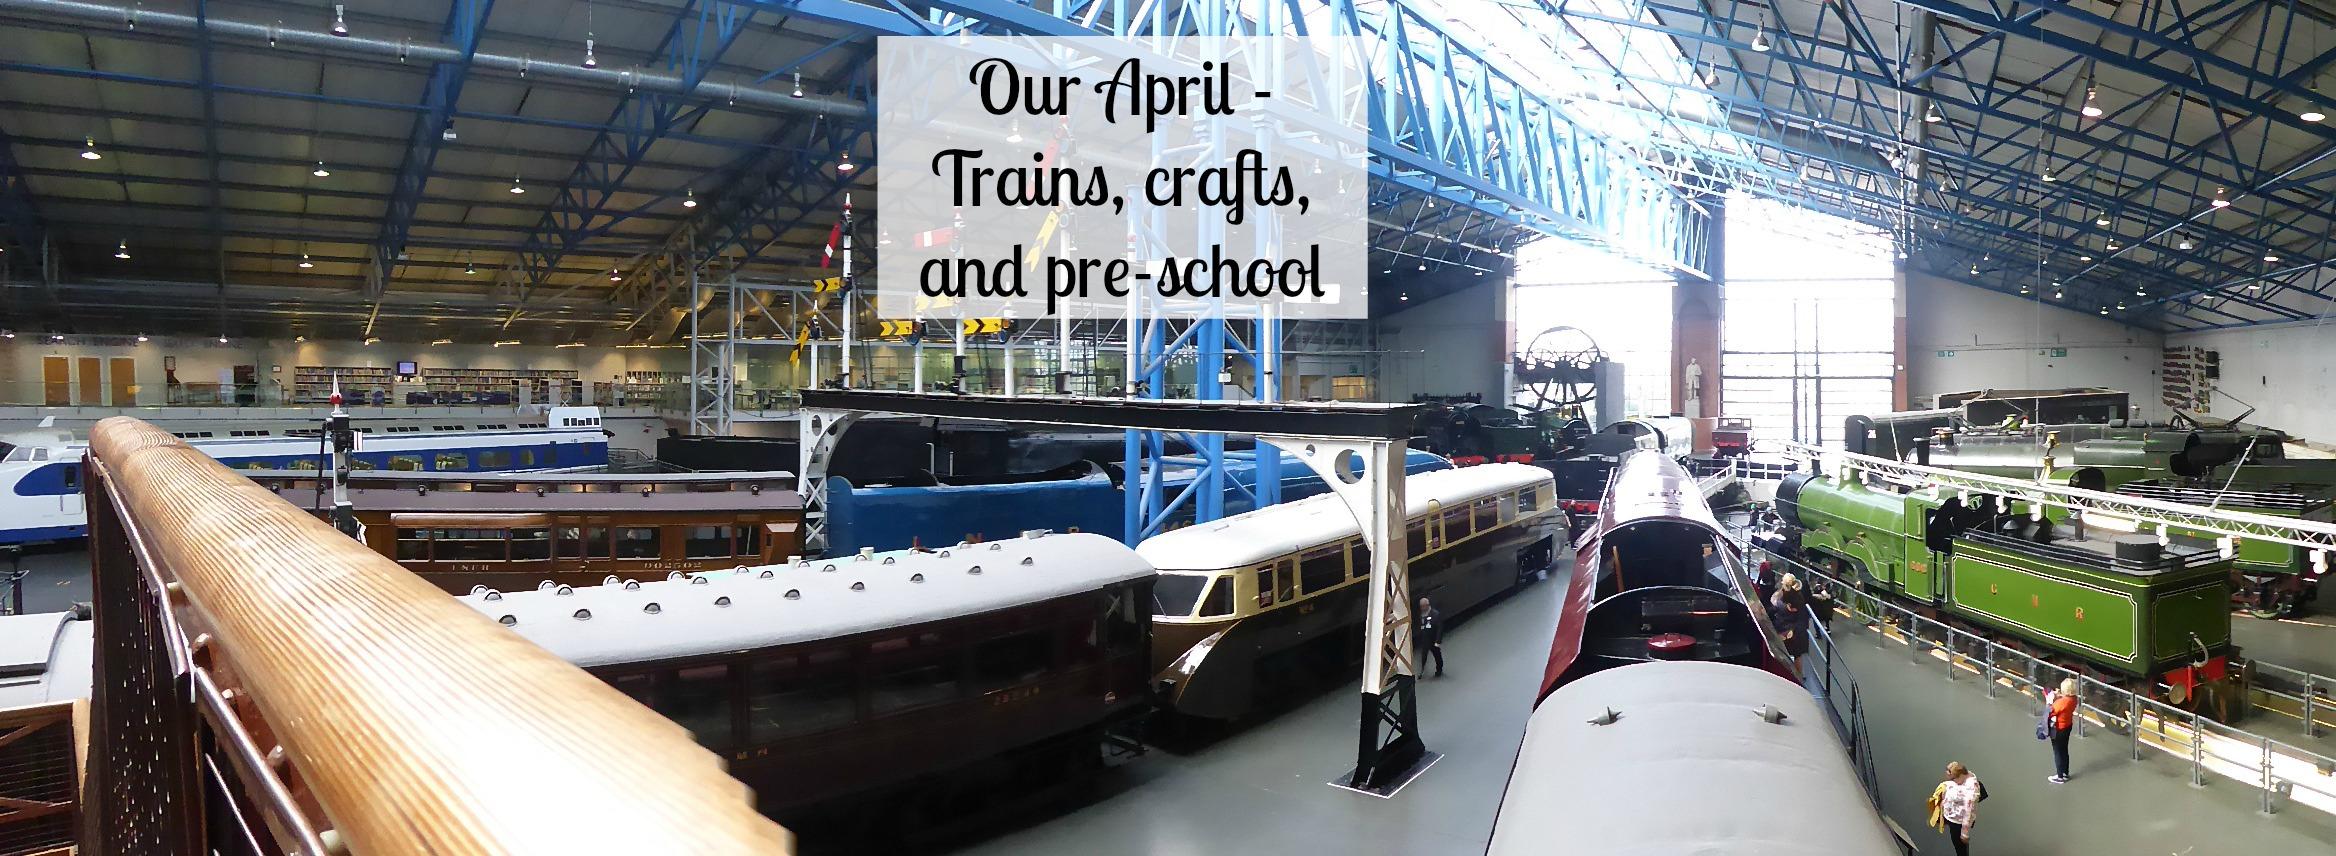 Our April - trains, crafts, pre school